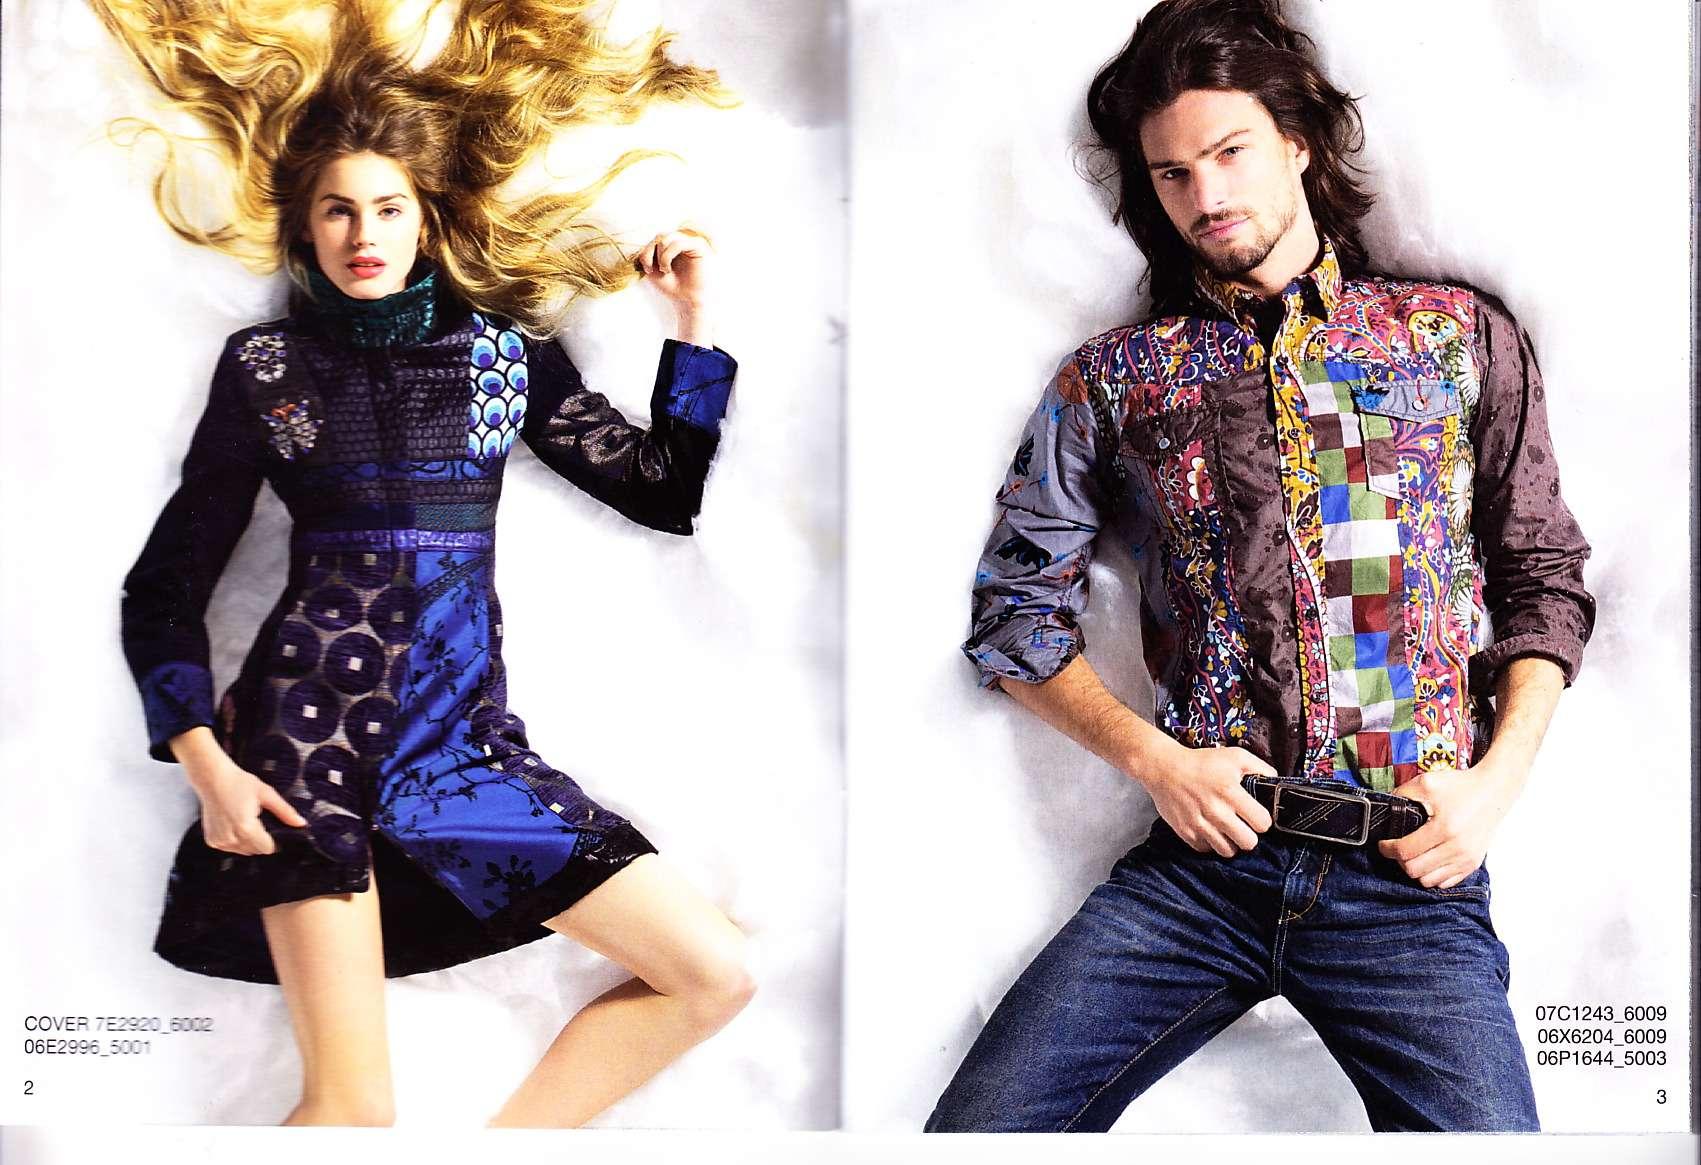 Compra en Floryday económicos Abrigos para mujeres a la moda. Floryday ofrece lo último en colecciones de Abrigos para mujeres a la moda para cada ocasión.